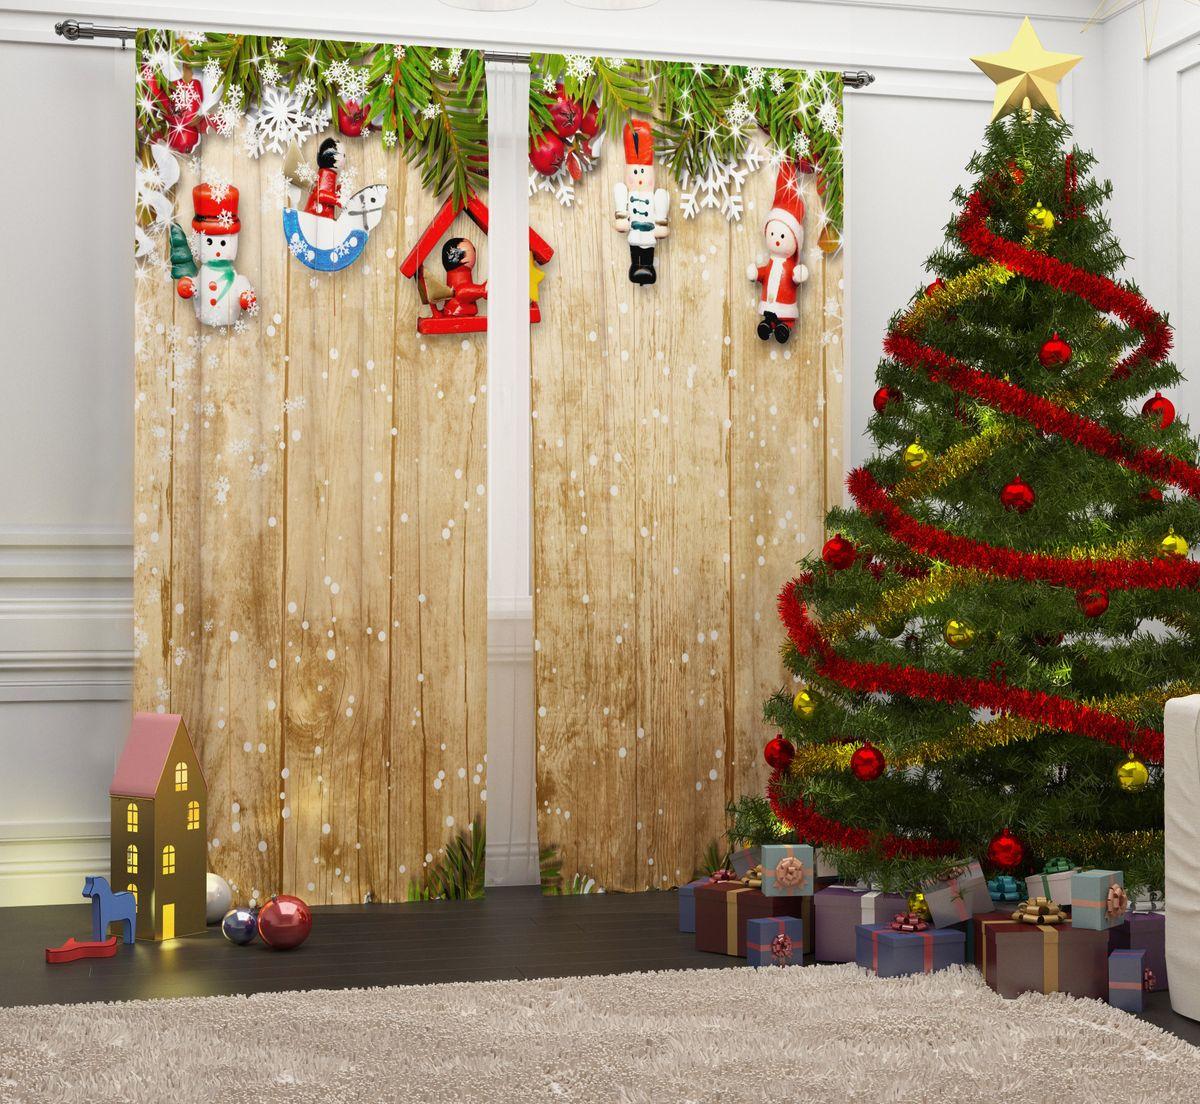 Фотошторы Сирень Игрушки на ветке, на ленте, высота 260 см07072-ФШ-ГБ-001Перед новогодними праздниками каждая хозяйка или хозяин хотят украсить свой дом. Мы предлагаем оригинальное решение, украсить Ваше окно фотошторами с новогодней тематикой. Новогодние фотошторы Сирень станут отличным подарком на Новый год. Подарите радость праздника себе и Вашим близким людям! Текстиль бренда «Сирень» - качество в каждом сантиметре ткани! Крепление на карниз при помощи шторной ленты на крючки. В комплекте: Портьера: 2 шт. Размер (ШхВ): 145 см х 260 см. Рекомендации по уходу: стирка при 30 градусах гладить при температуре до 150 градусов Изображение на мониторе может немного отличаться от реального.